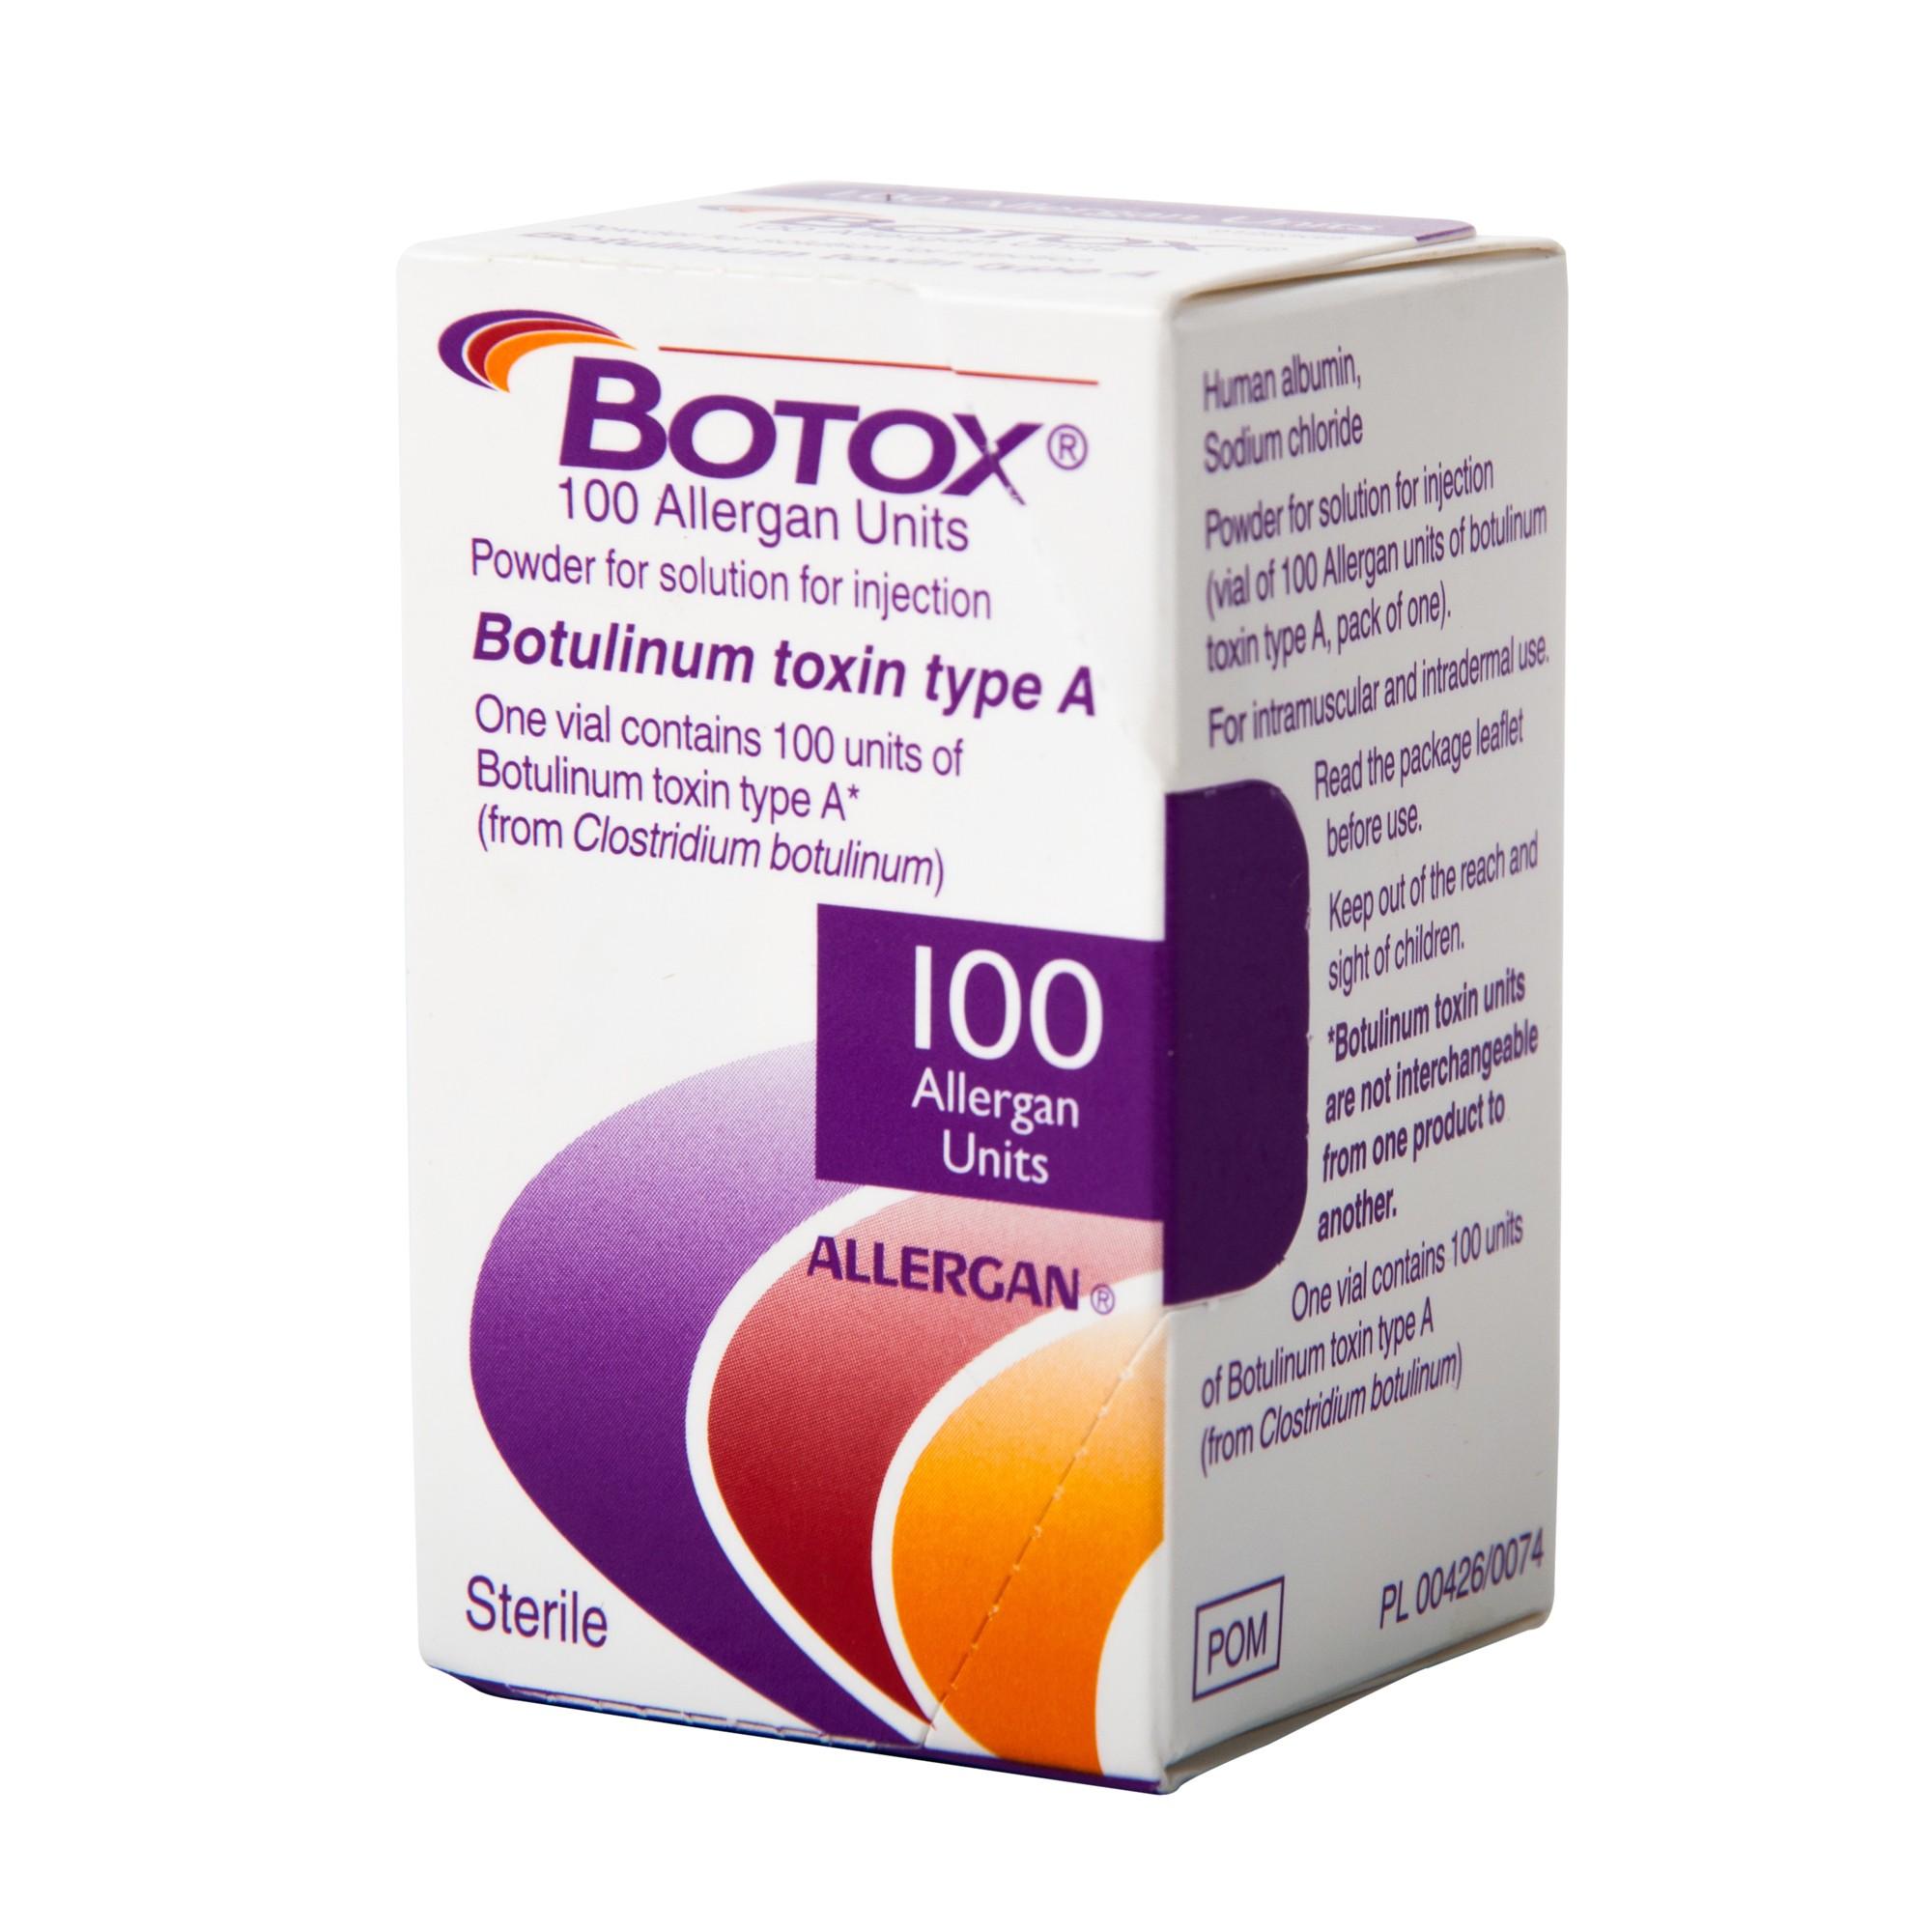 foto de Botox 100iu (English) – First Choice Medical